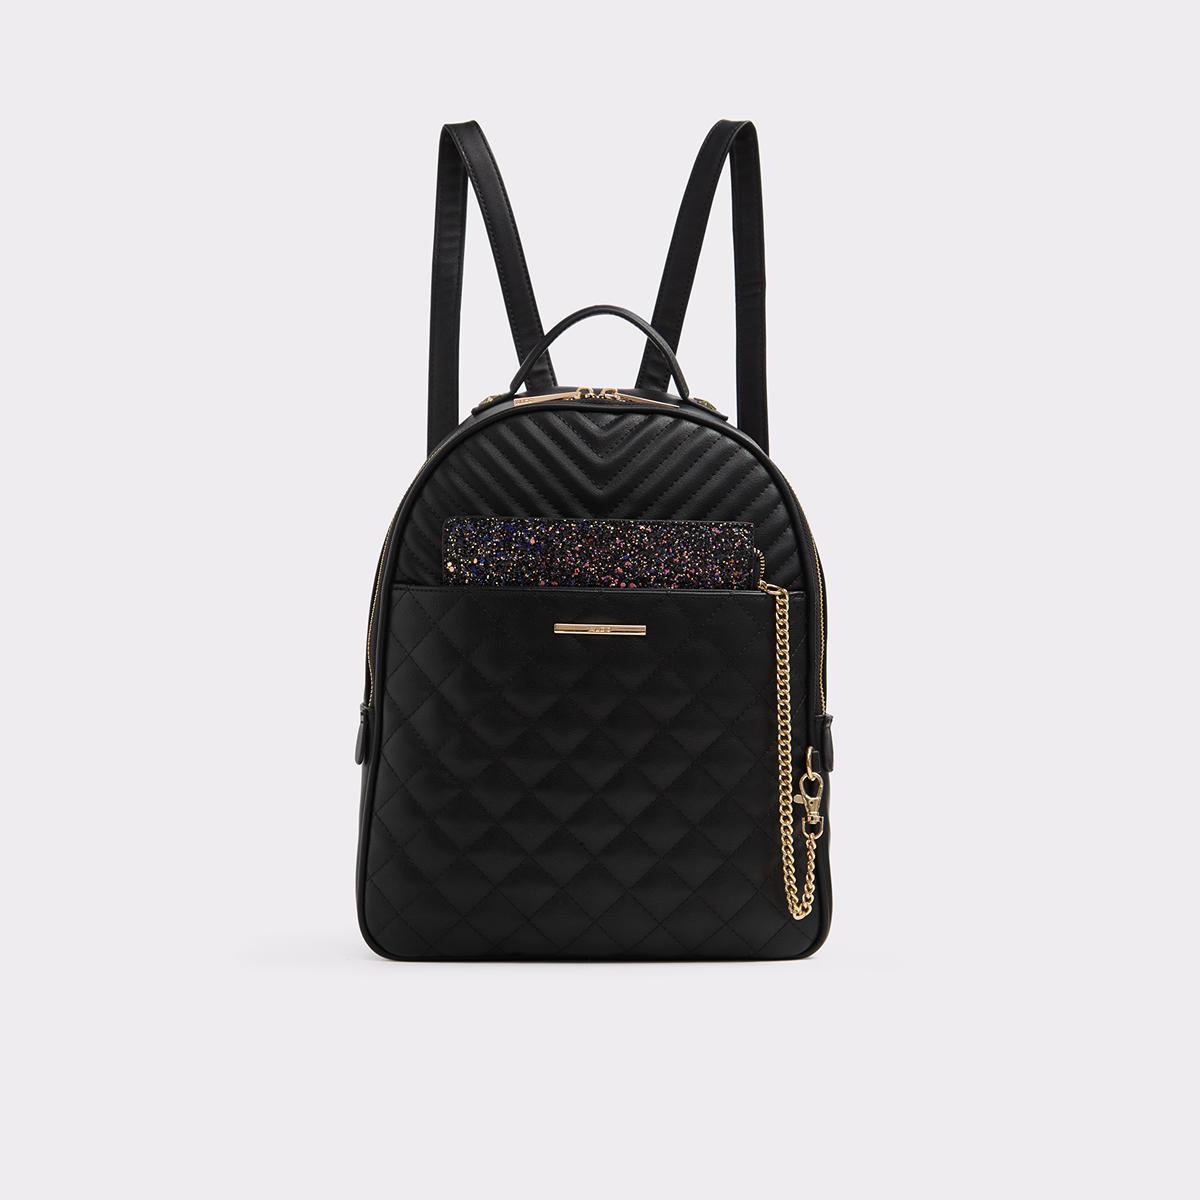 Auricelle Black Multi Women s Backpacks  2a8d77053fda5